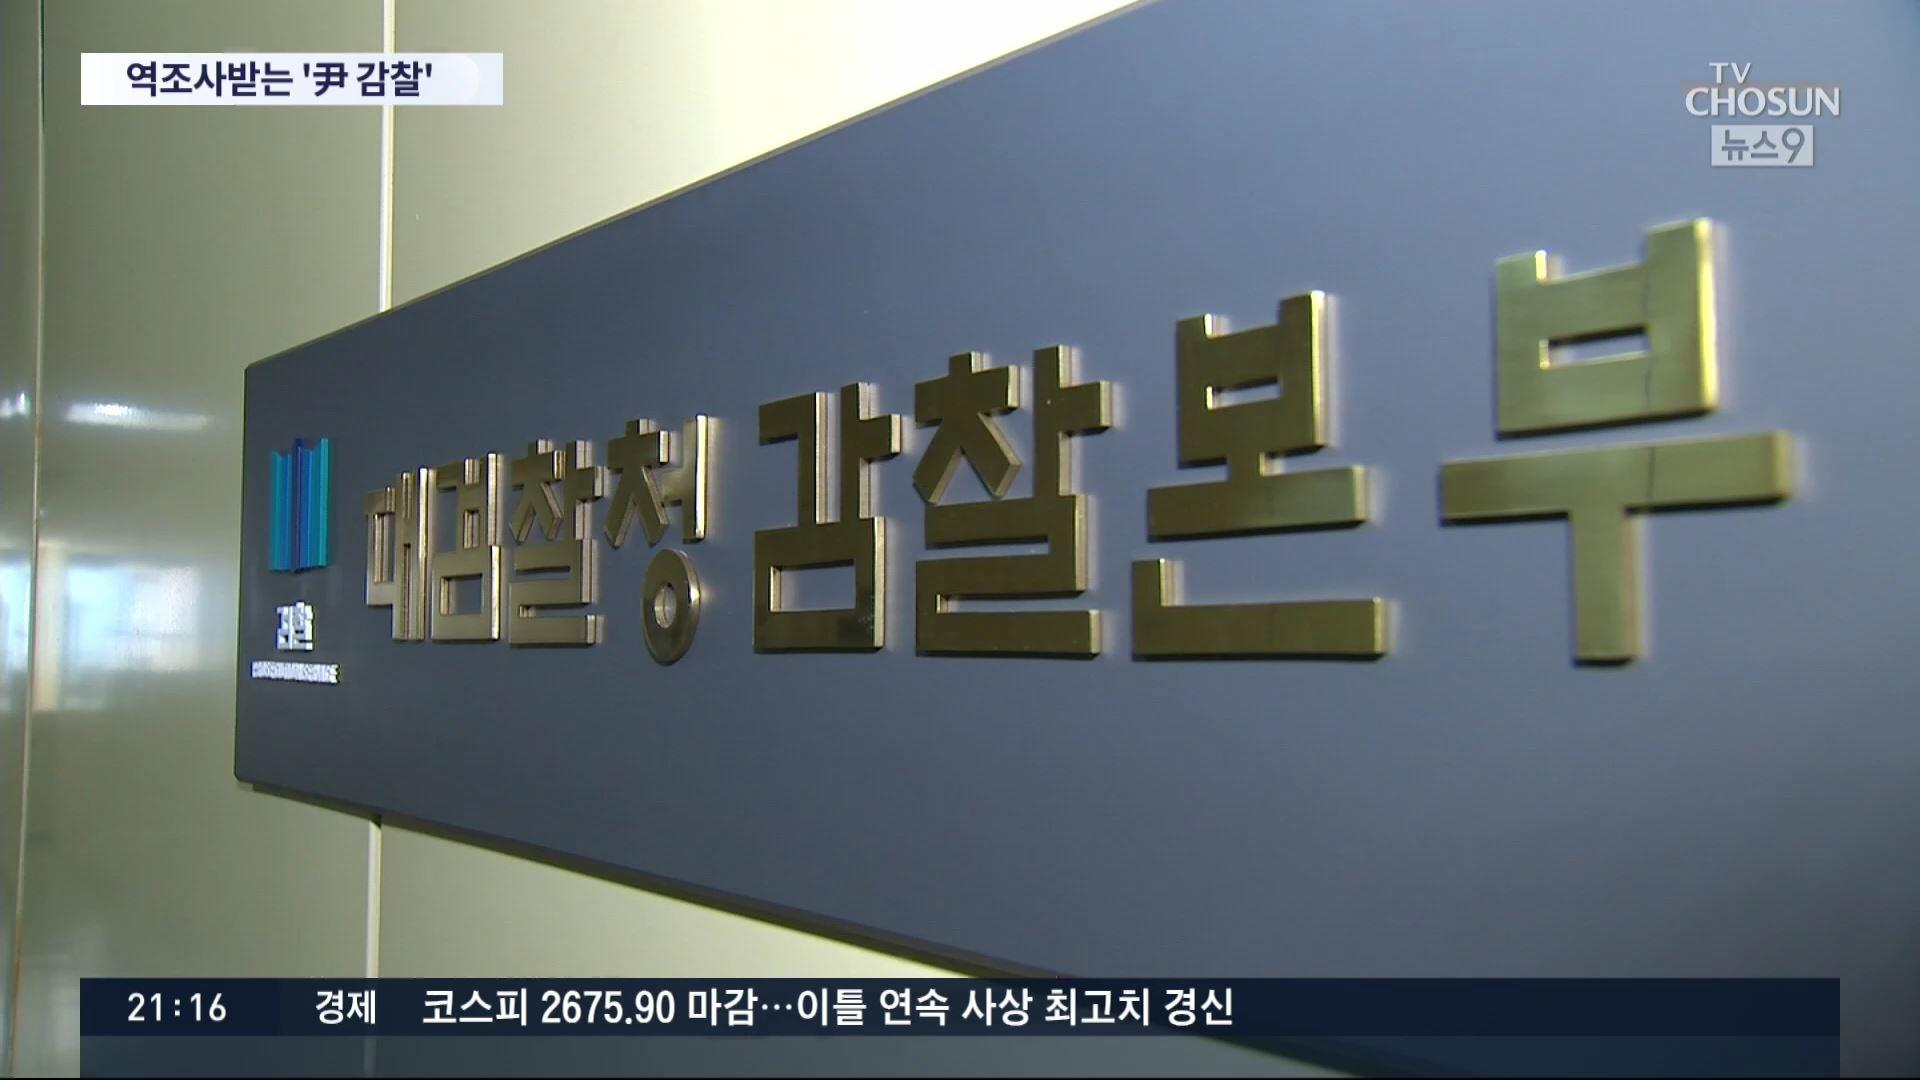 대검, 尹 감찰한 '한동수 감찰부' 역조사…'판사사찰 감찰 적법했나?'